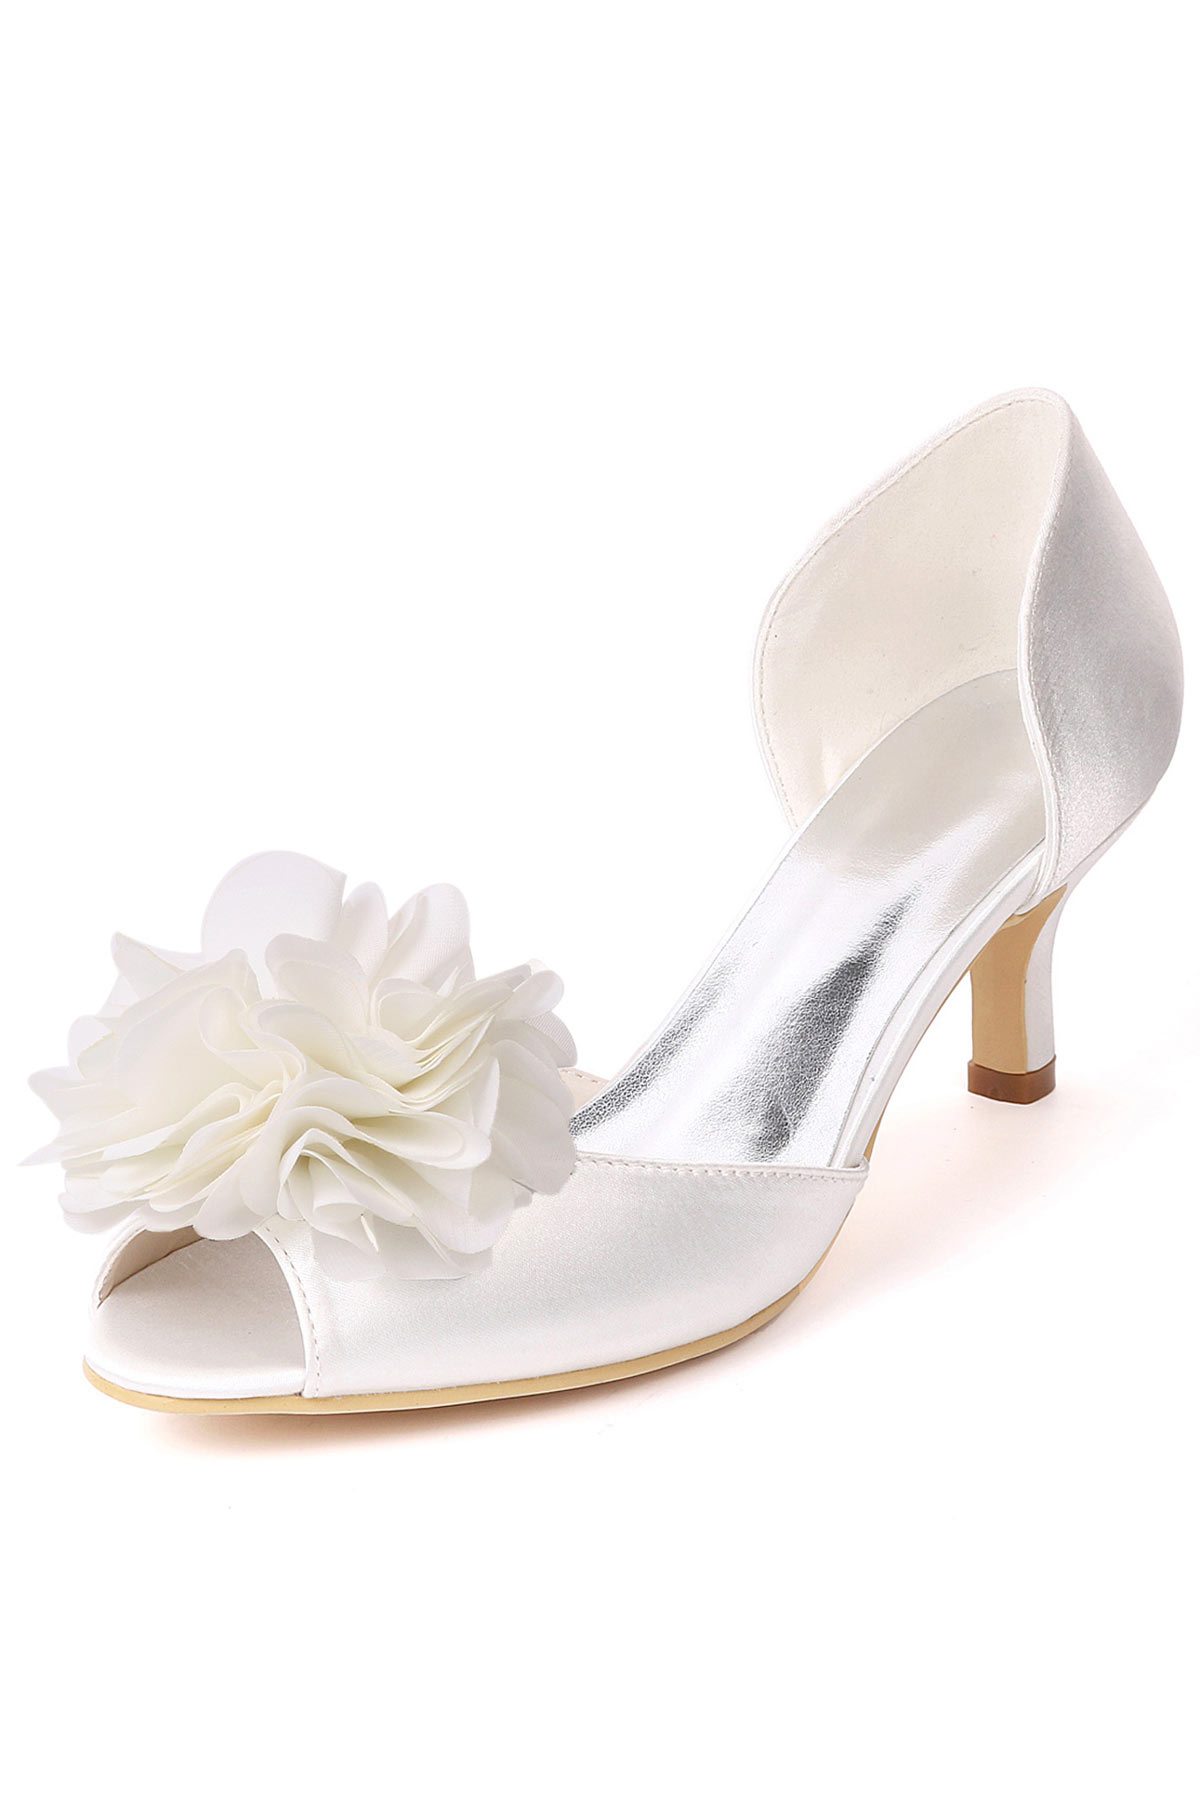 Chaussures de mariage ivoire à petit talon bout ouvert fleuri